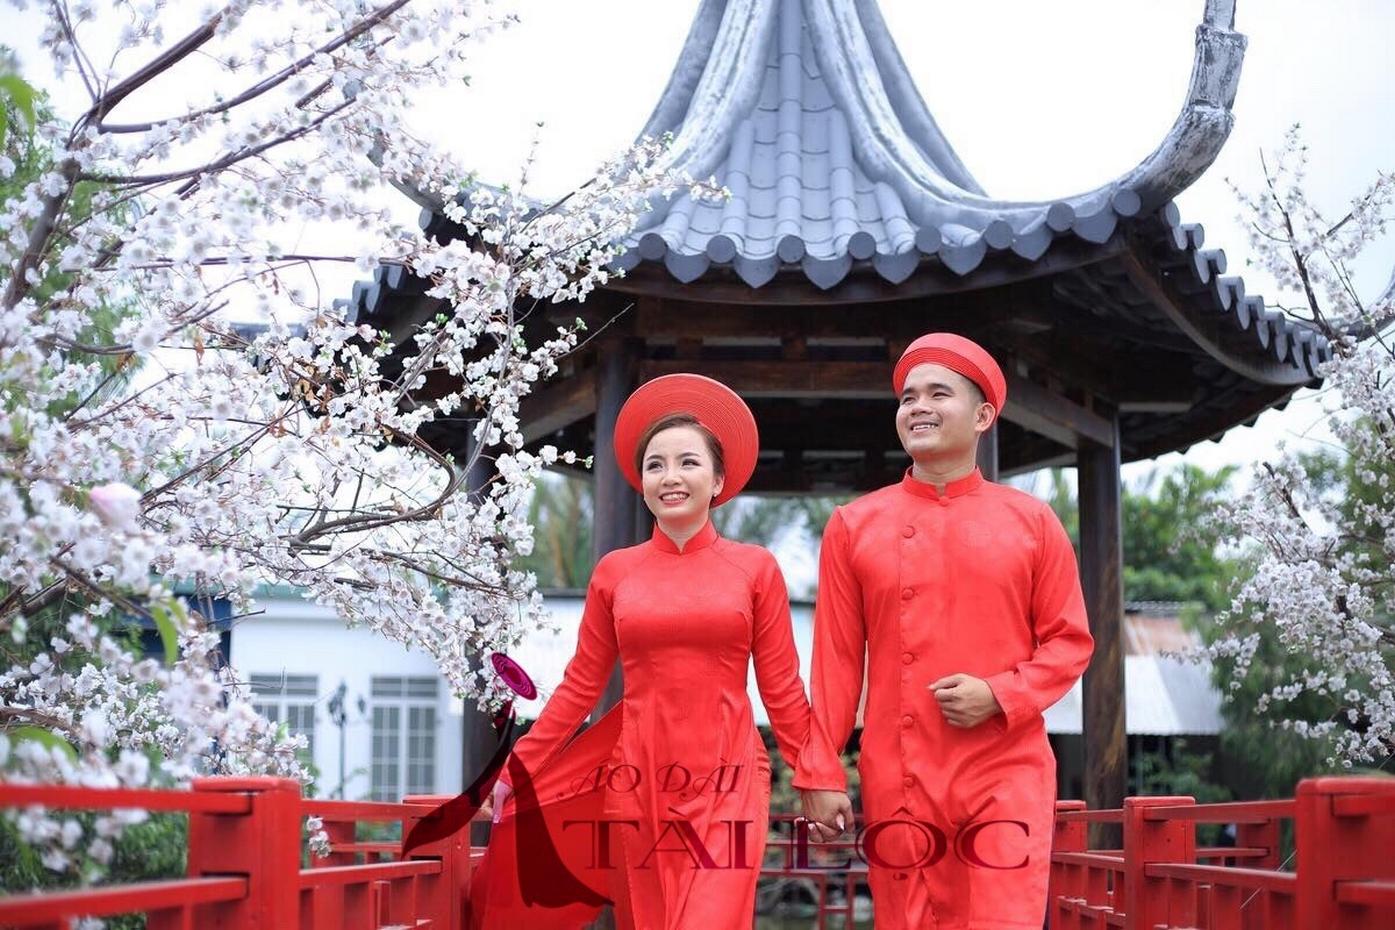 Tại sao nên chọn dịch vụ áo dài cưới đỏ tại Áo Dài Tài Lộc?